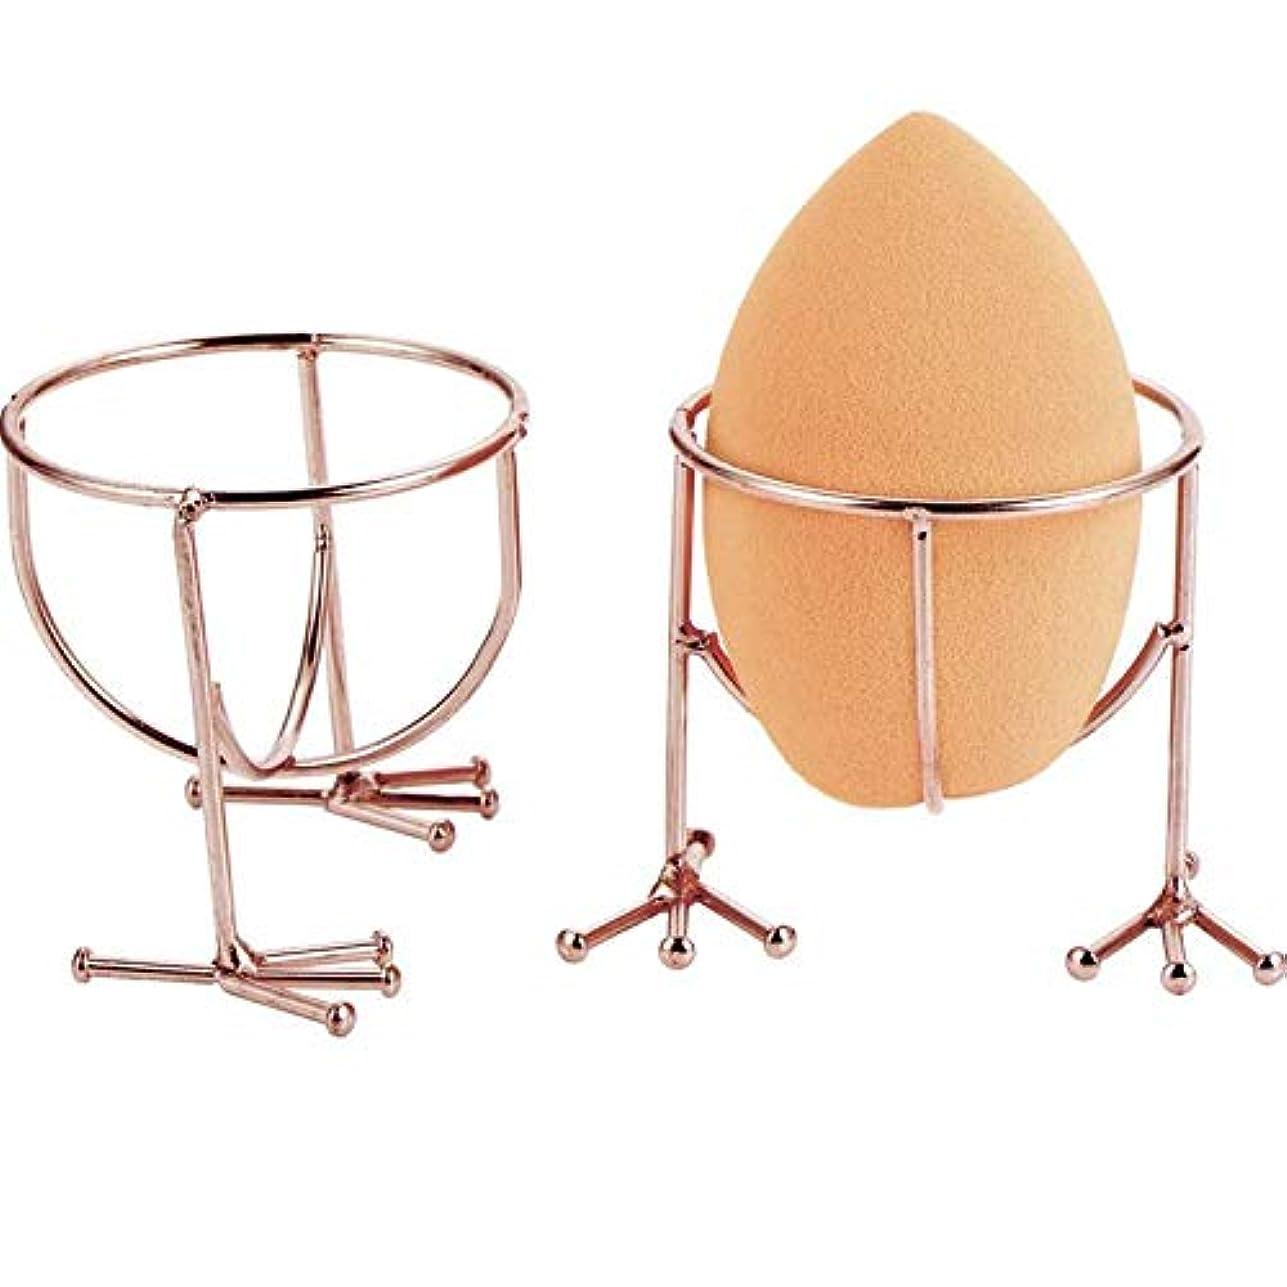 Gaoominy 化粧スポンジホルダー卵スポンジスタンドパフ陳列スタンドドライヤーラック化粧スポンジサポート(スポンジは含まれていません)、2個、ローズゴールド